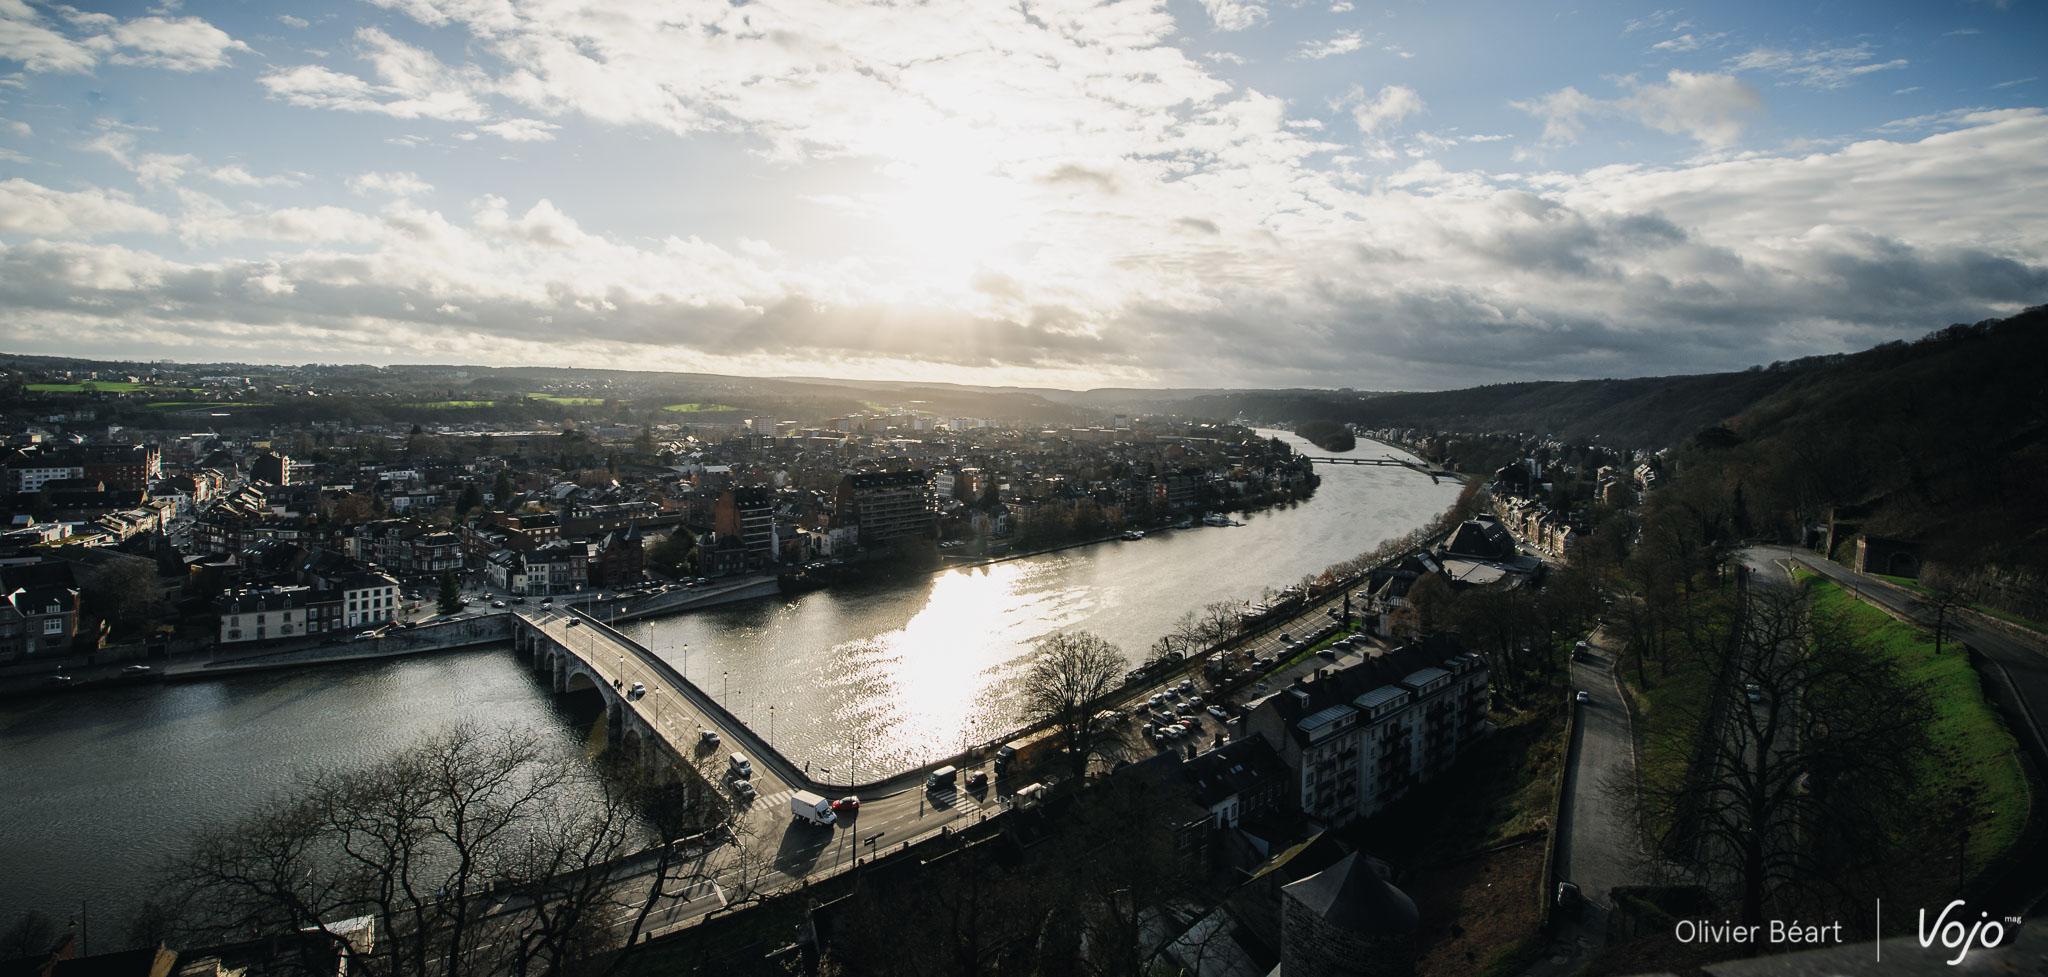 XTerra_Belgium_Namur_parcours_reconnaissance_Copyright_OBeart_VojoMag-12